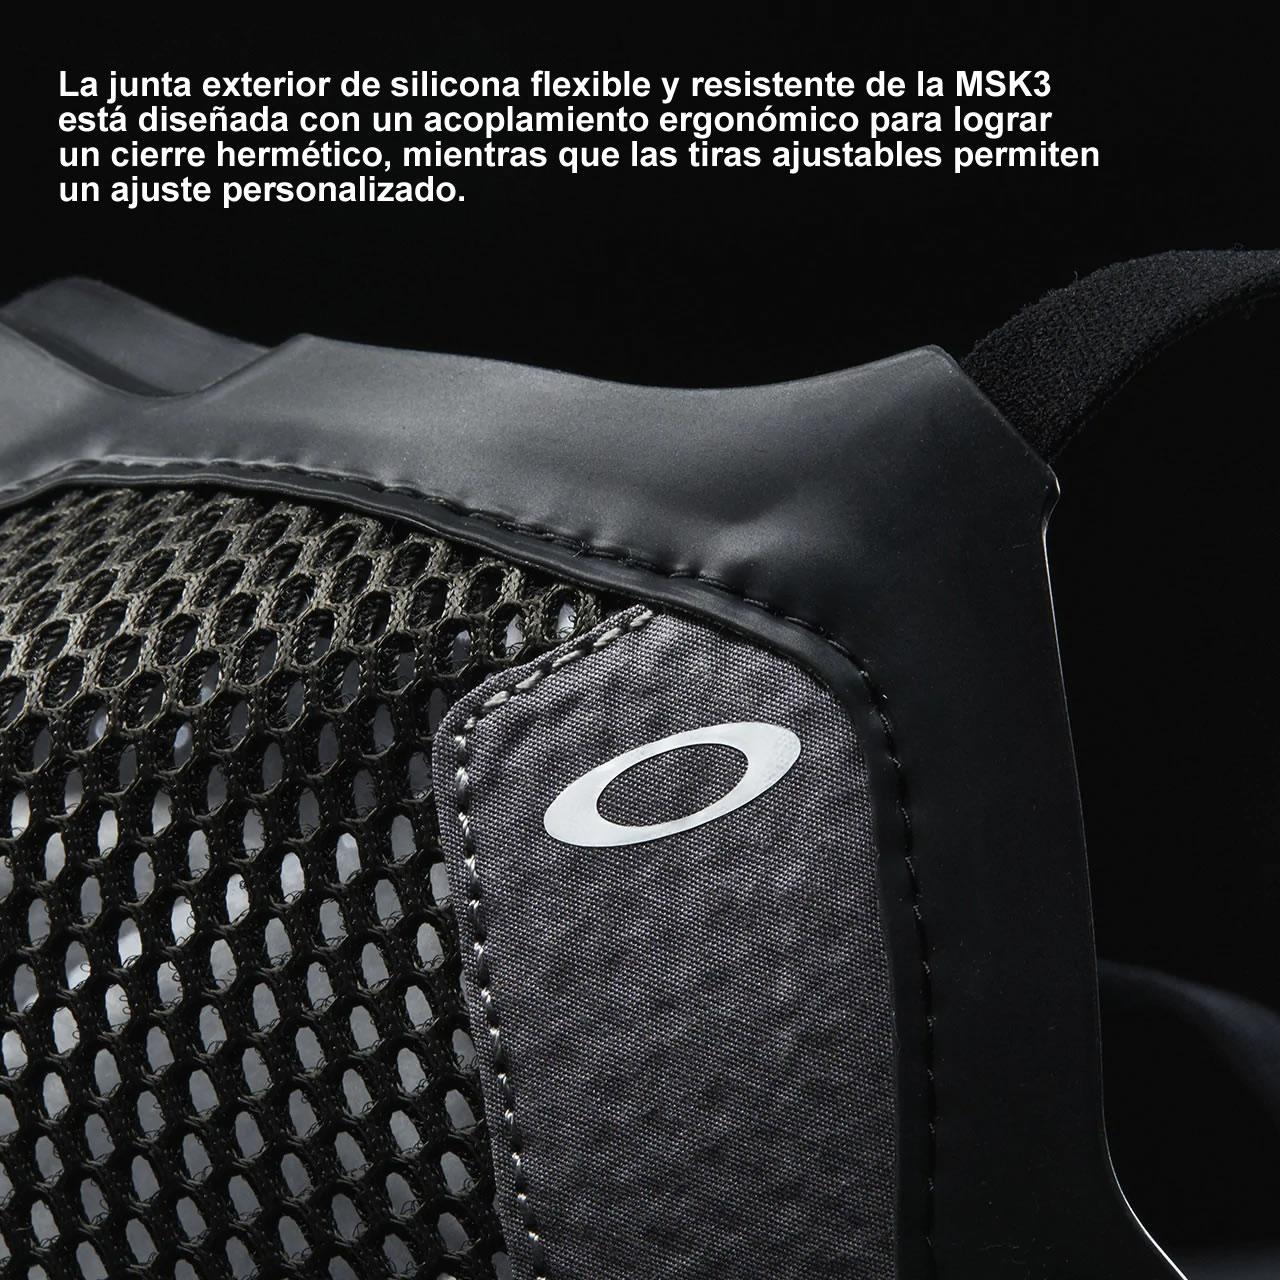 Oakley Msk3 junta silicona ideal para evitar el vaho